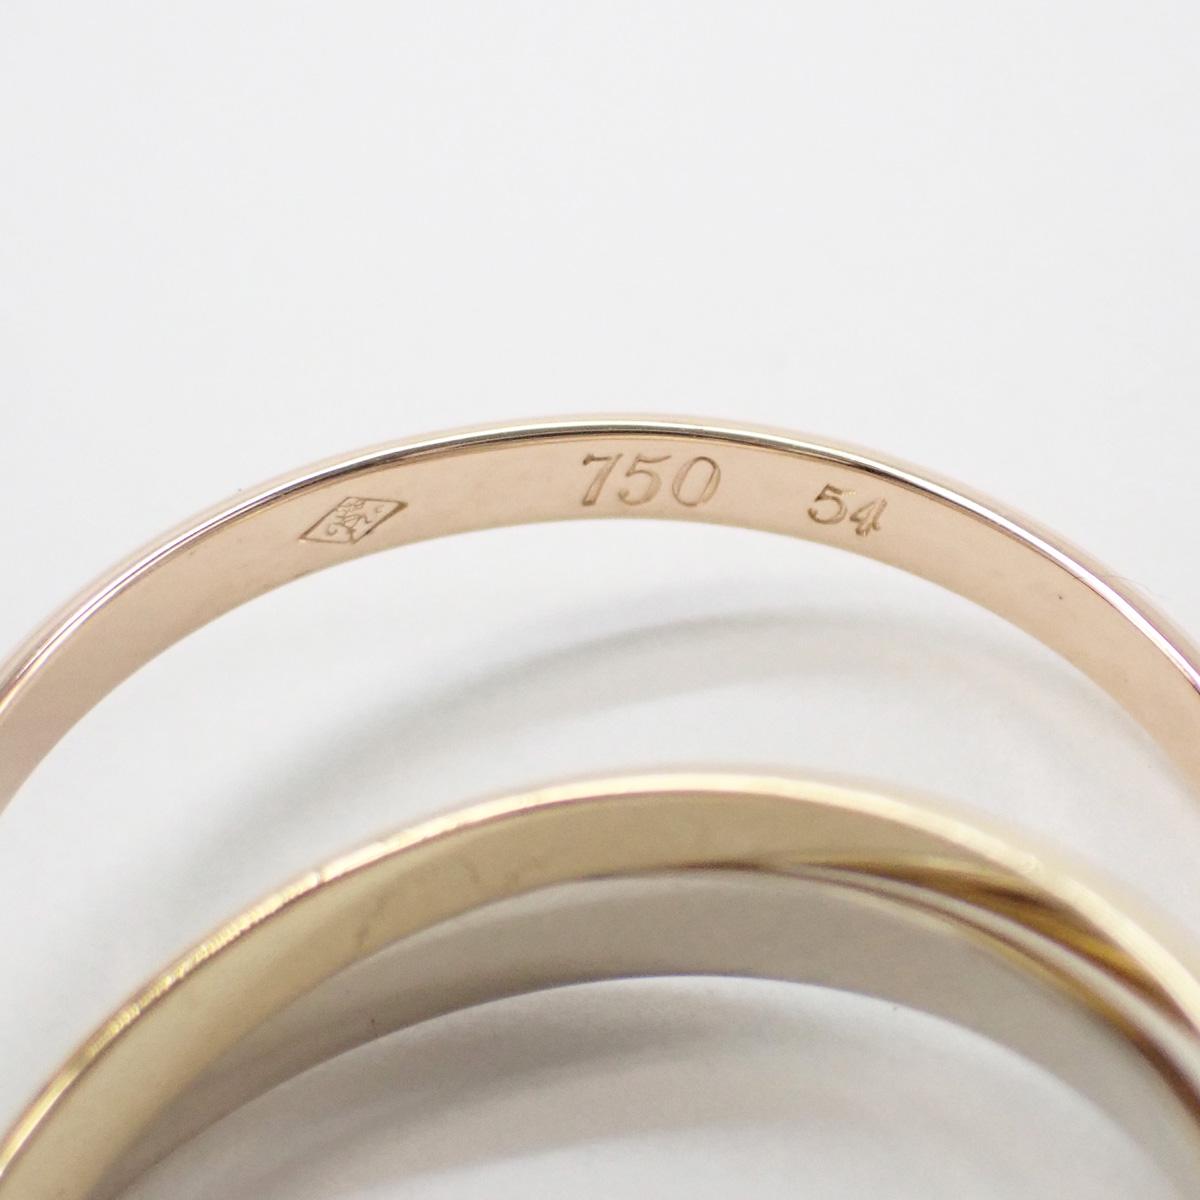 【辛口評価】【Aランク】Cartier カルティエ K18 WG YG PG トリニティXS リング B4088954 #54 ゲージ棒約13.5号